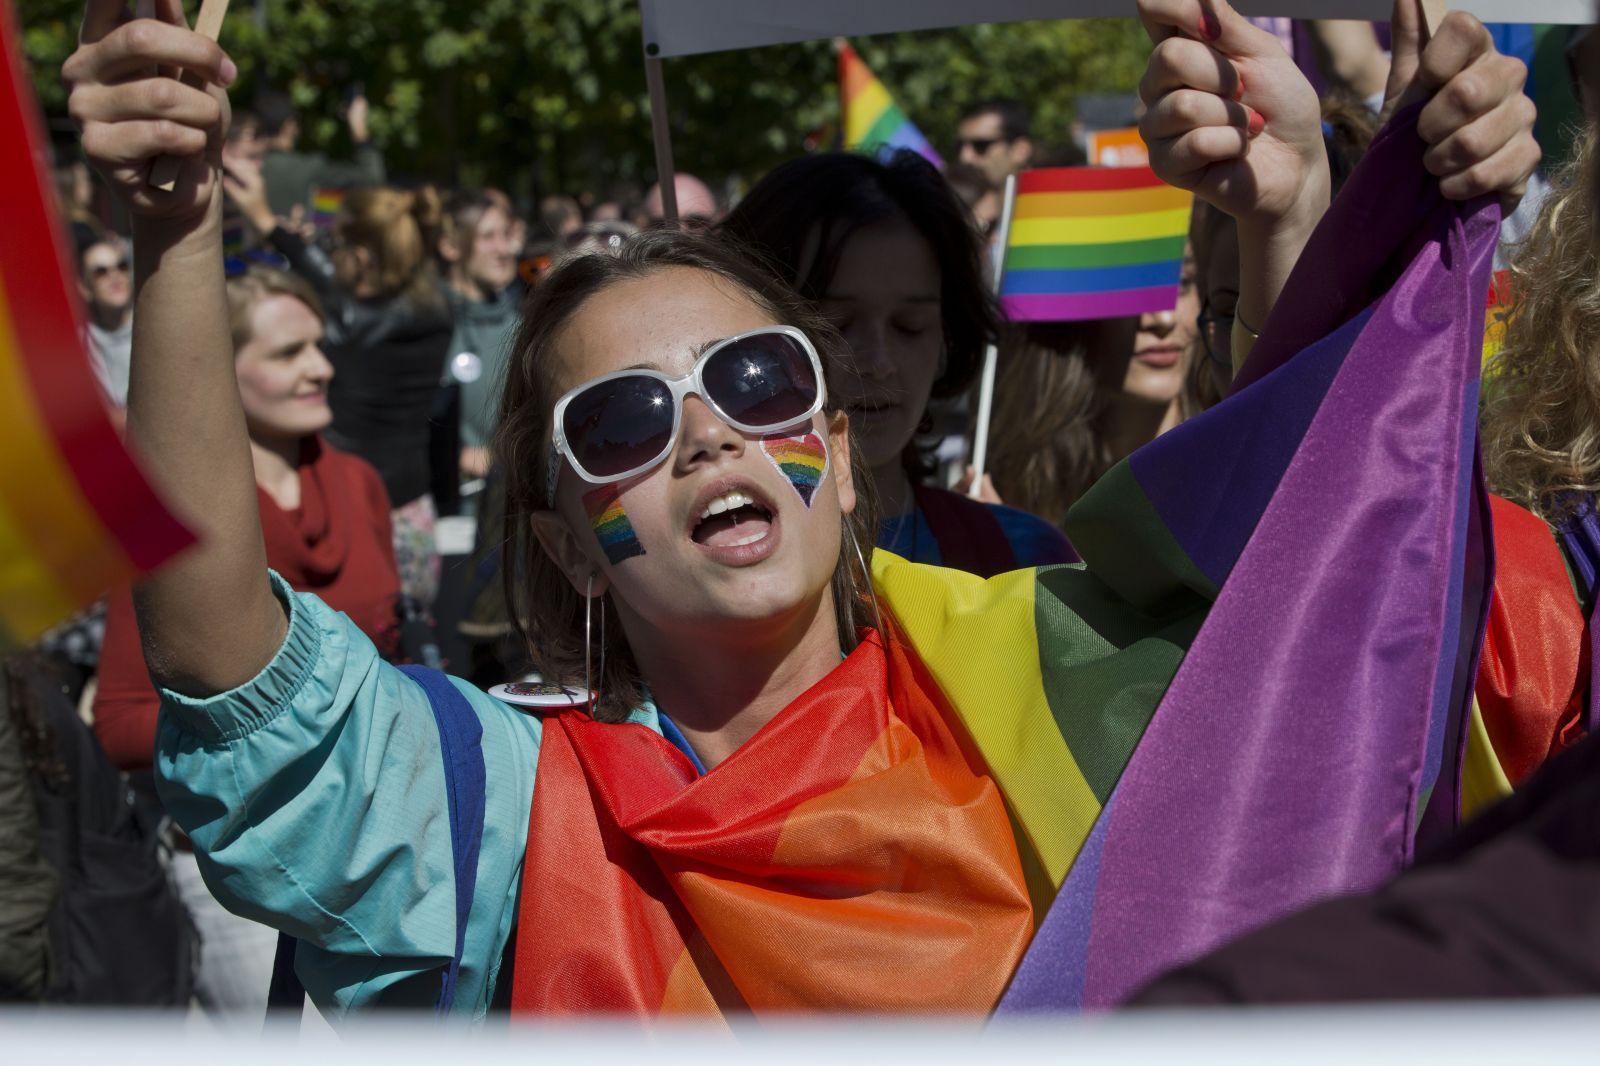 Až 6 z 10 LGBTI ľudí sa bojí na verejnosti držať za ruky, ukázala najväčšia európska štúdia svojho druhu